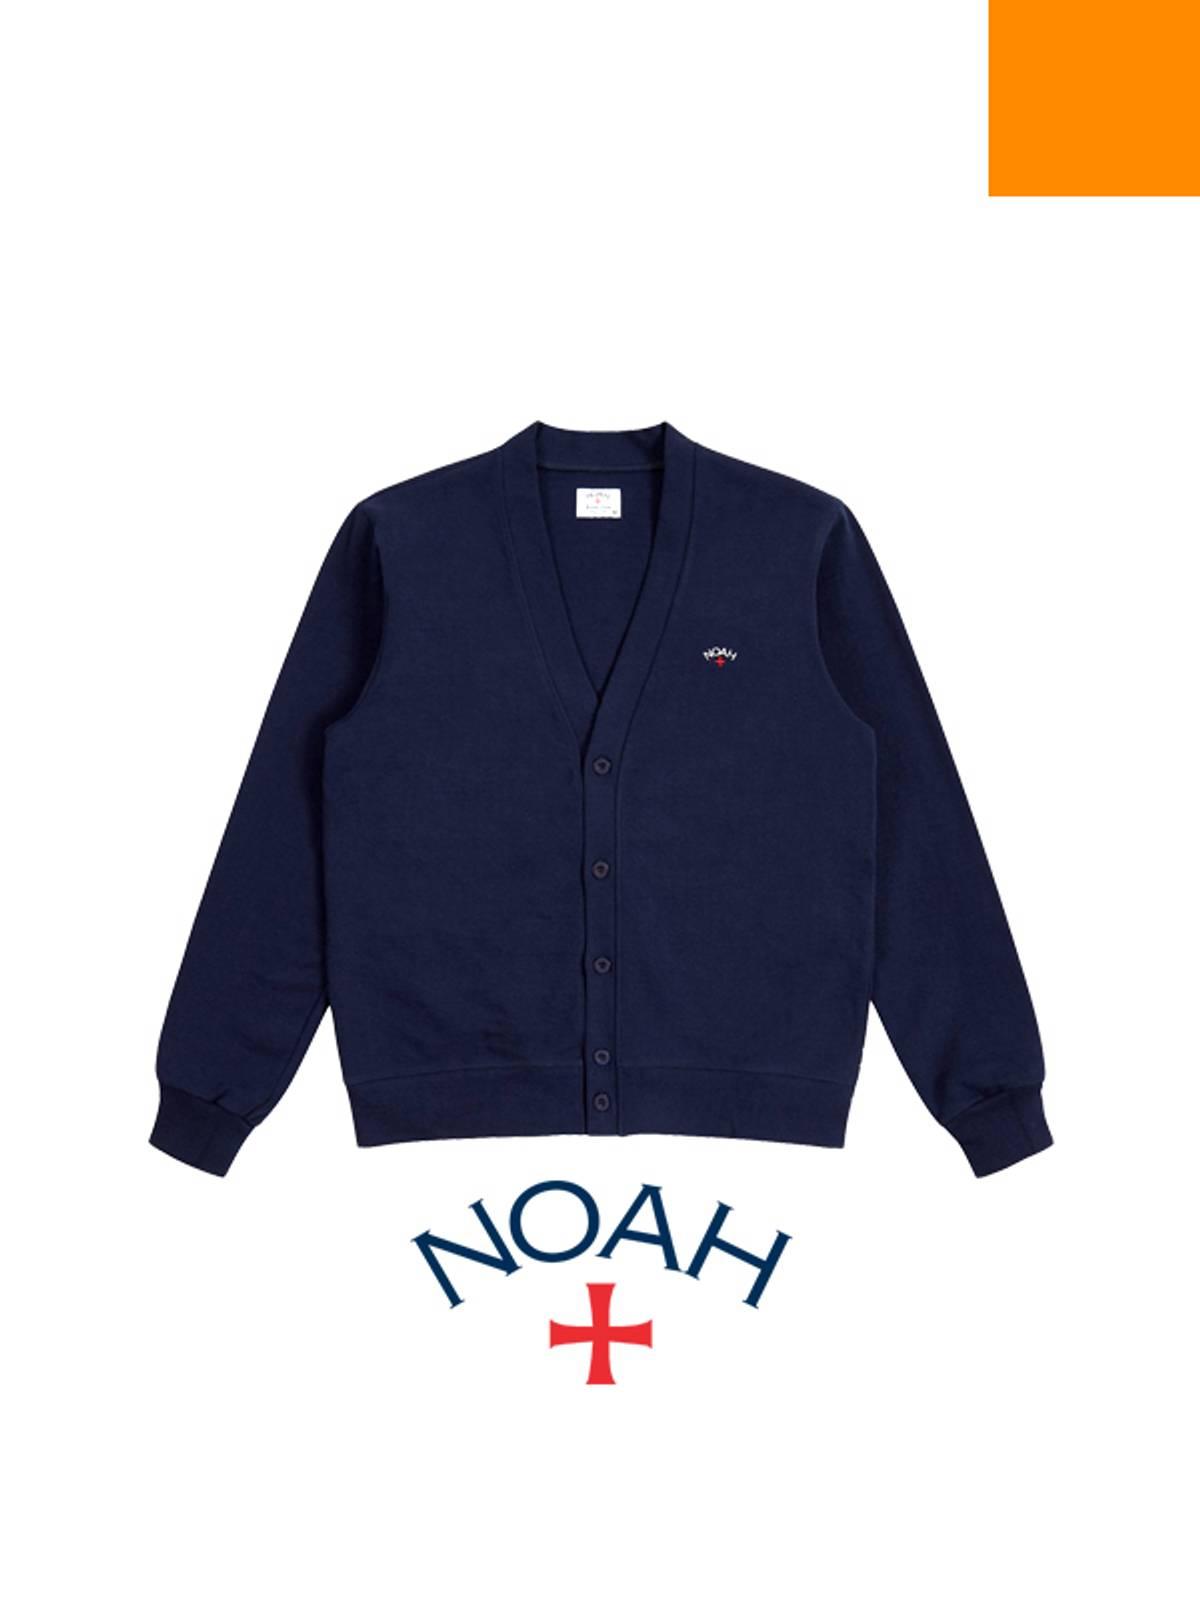 Noah Fw19 Rugby Cardigan | Grailed